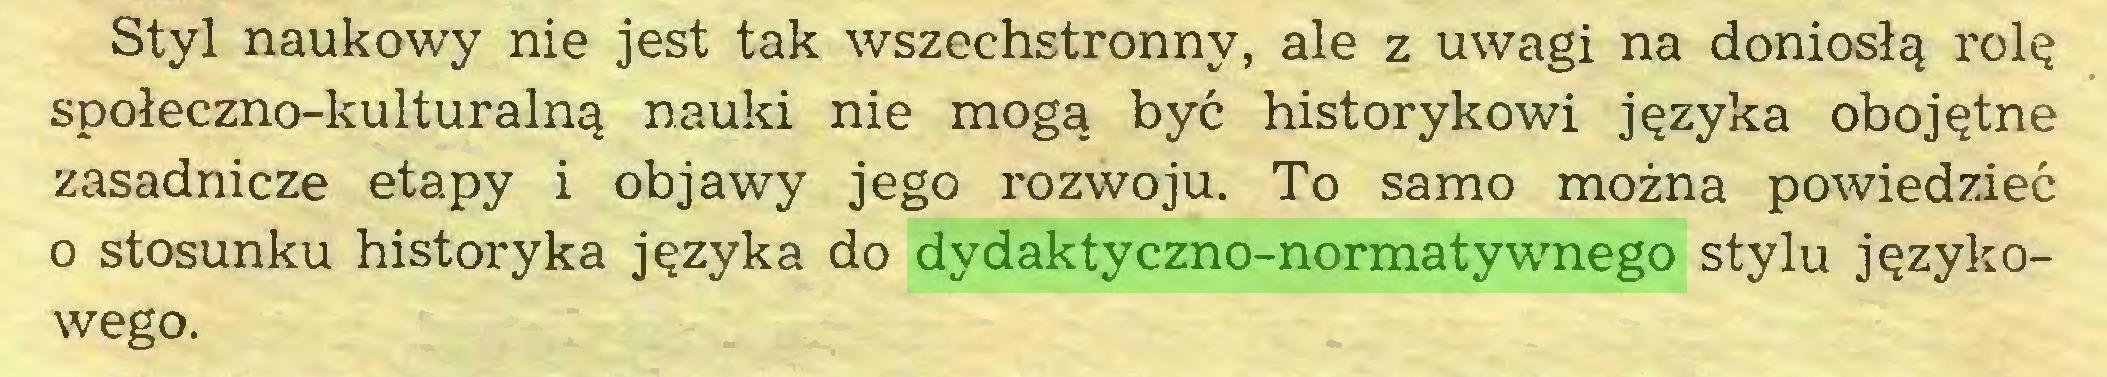 (...) Styl naukowy nie jest tak wszechstronny, ale z uwagi na doniosłą rolę społeczno-kulturalną nauki nie mogą być historykowi języka obojętne zasadnicze etapy i objawy jego rozwoju. To samo można powiedzieć 0 stosunku historyka języka do dydaktyczno-normatywnego stylu językowego...